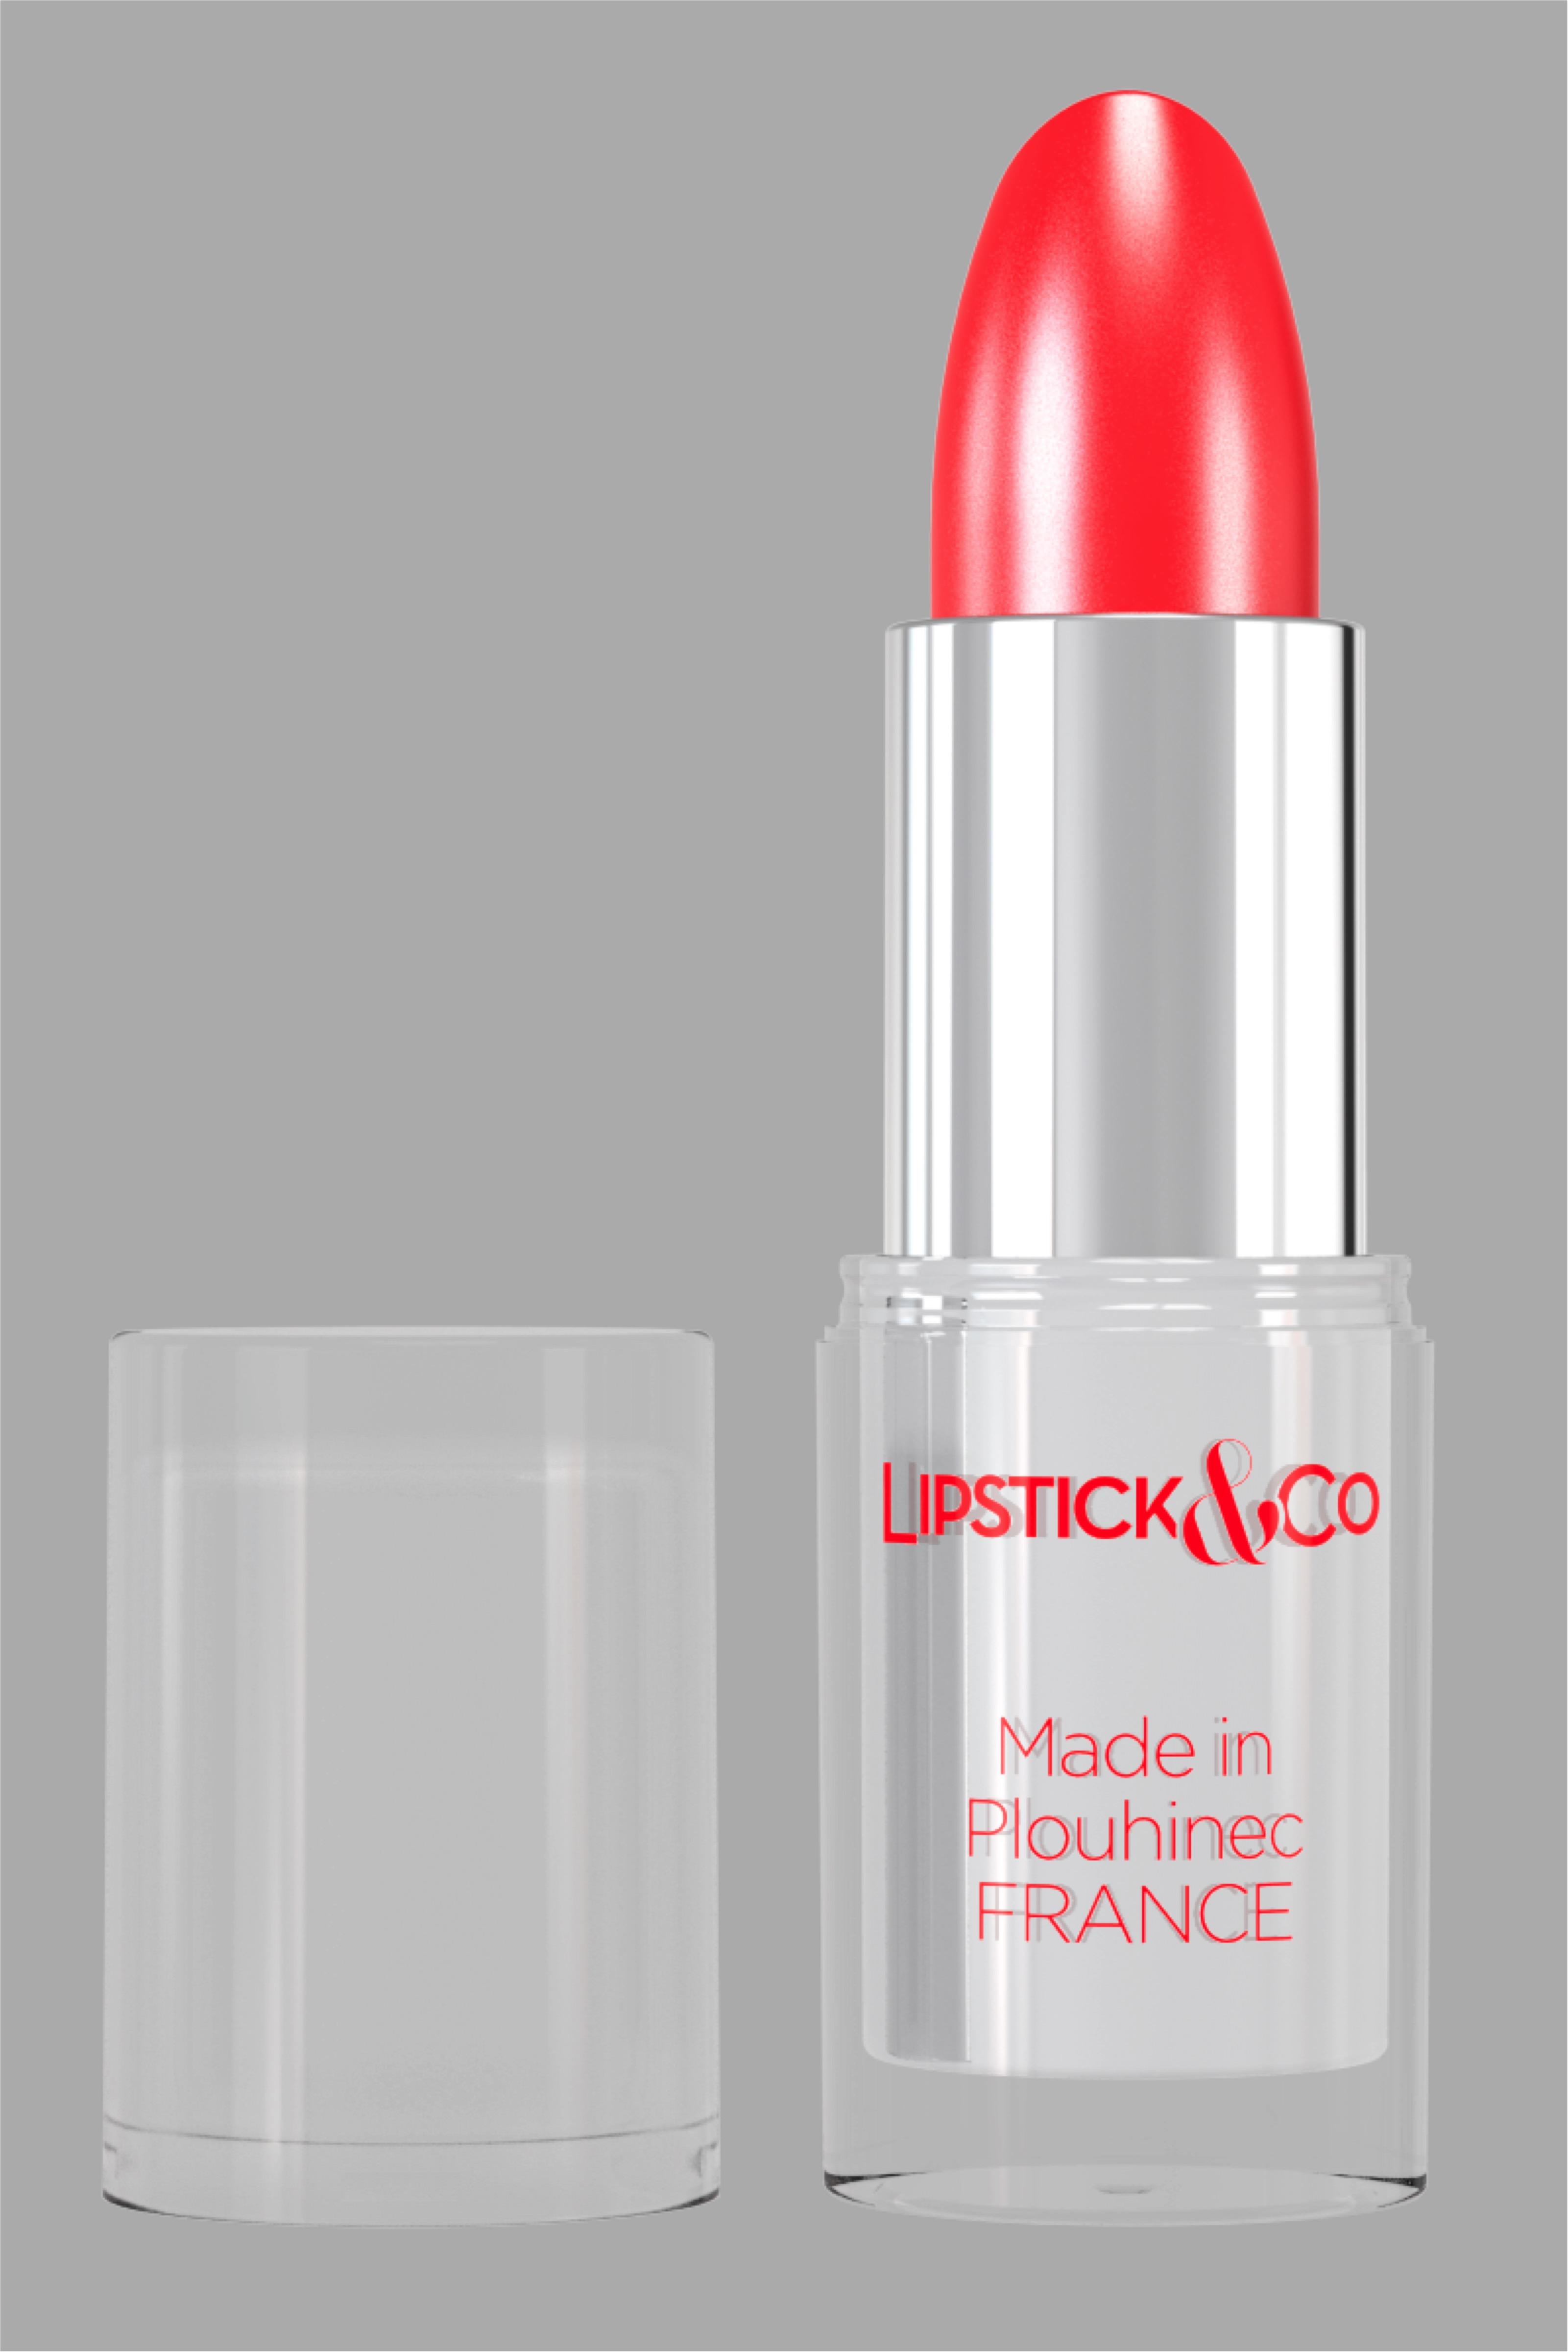 cosmetique plouhinec 56